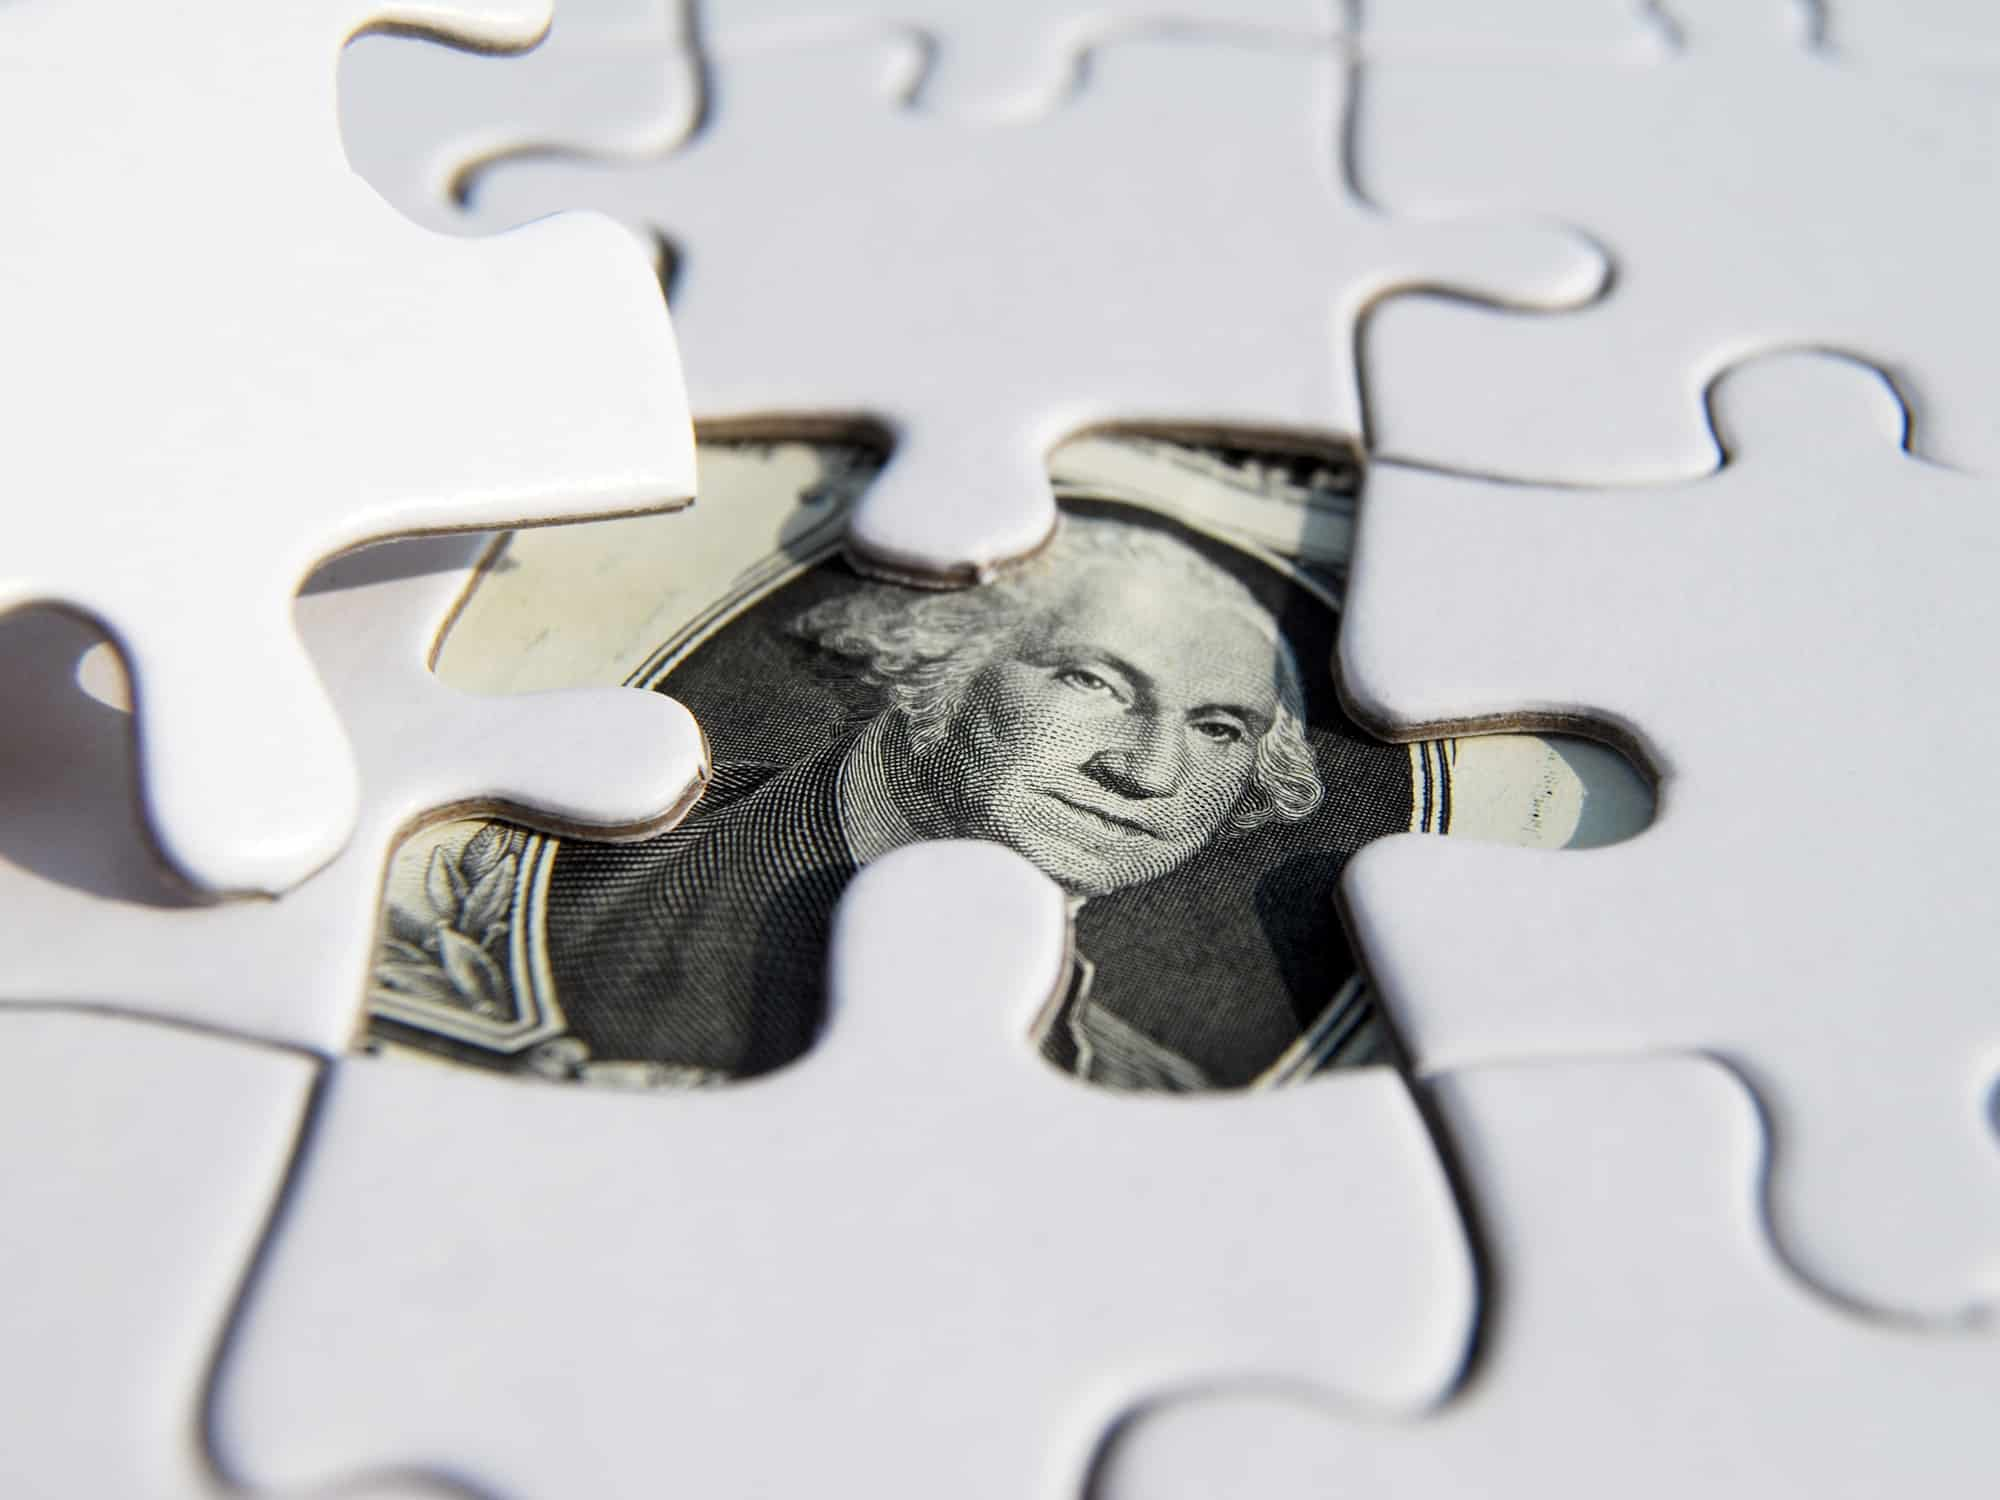 dollar bill under puzzle pieces